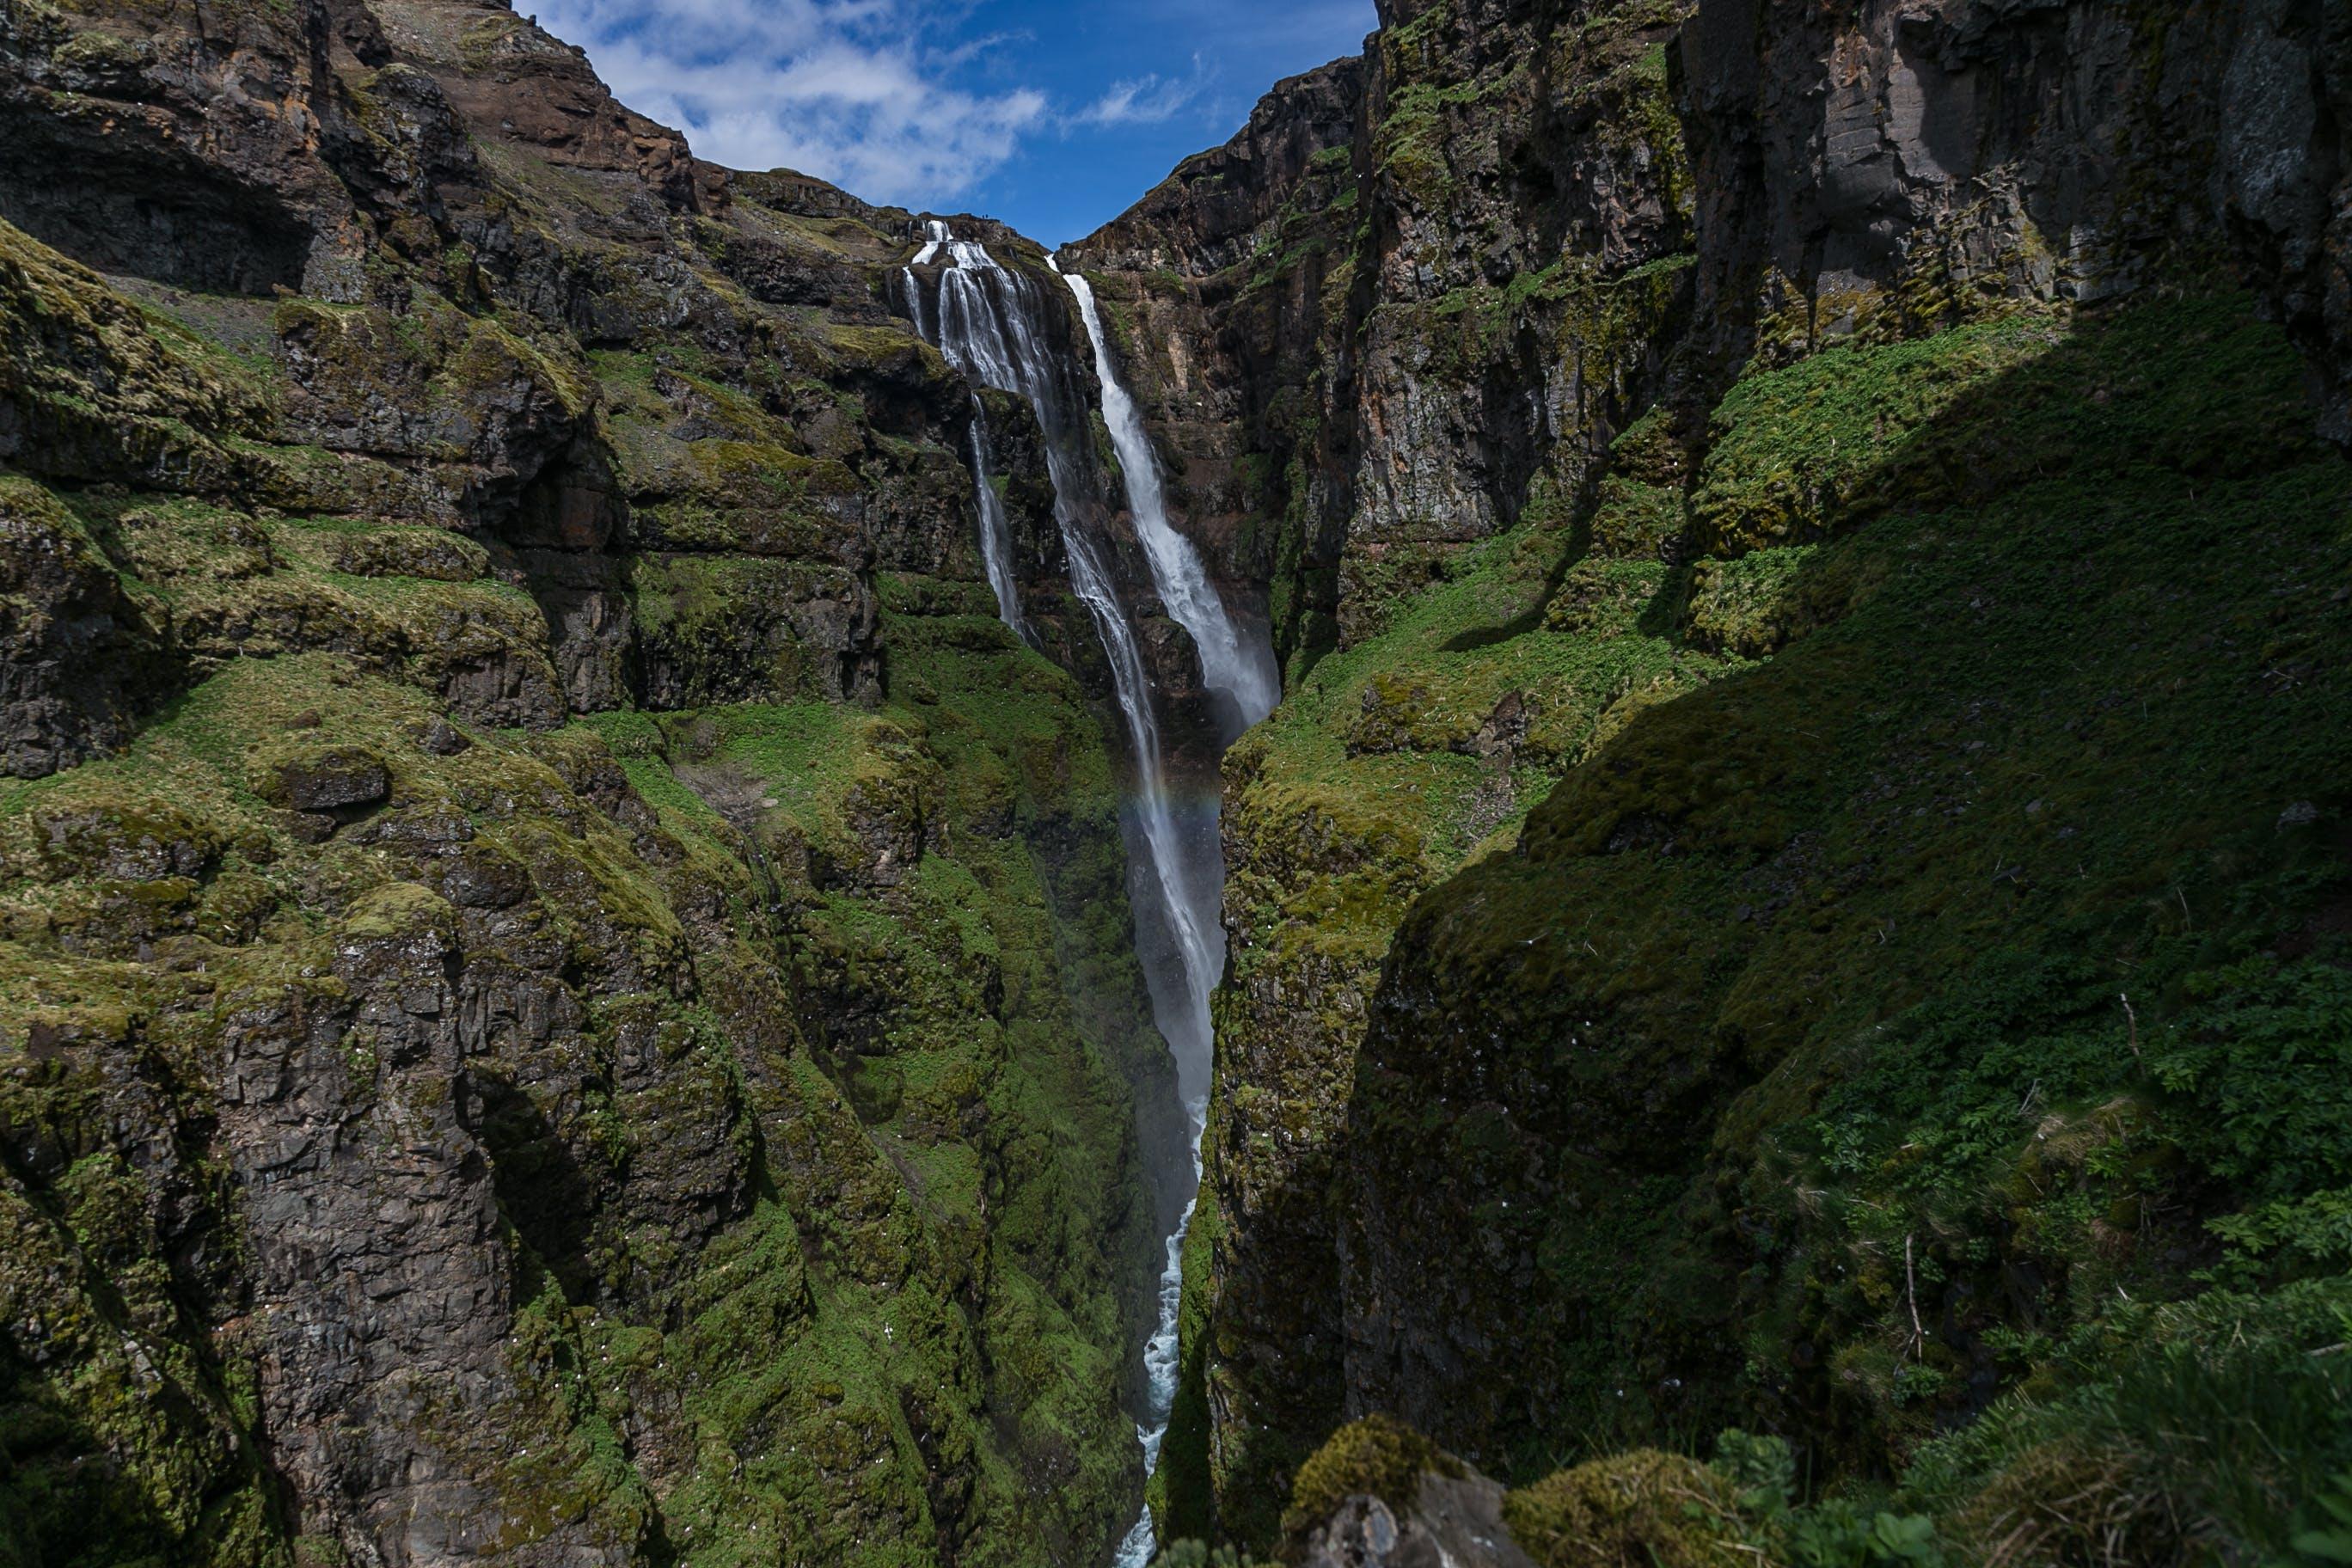 Gratis lagerfoto af bjerge, dagslys, flow, græs